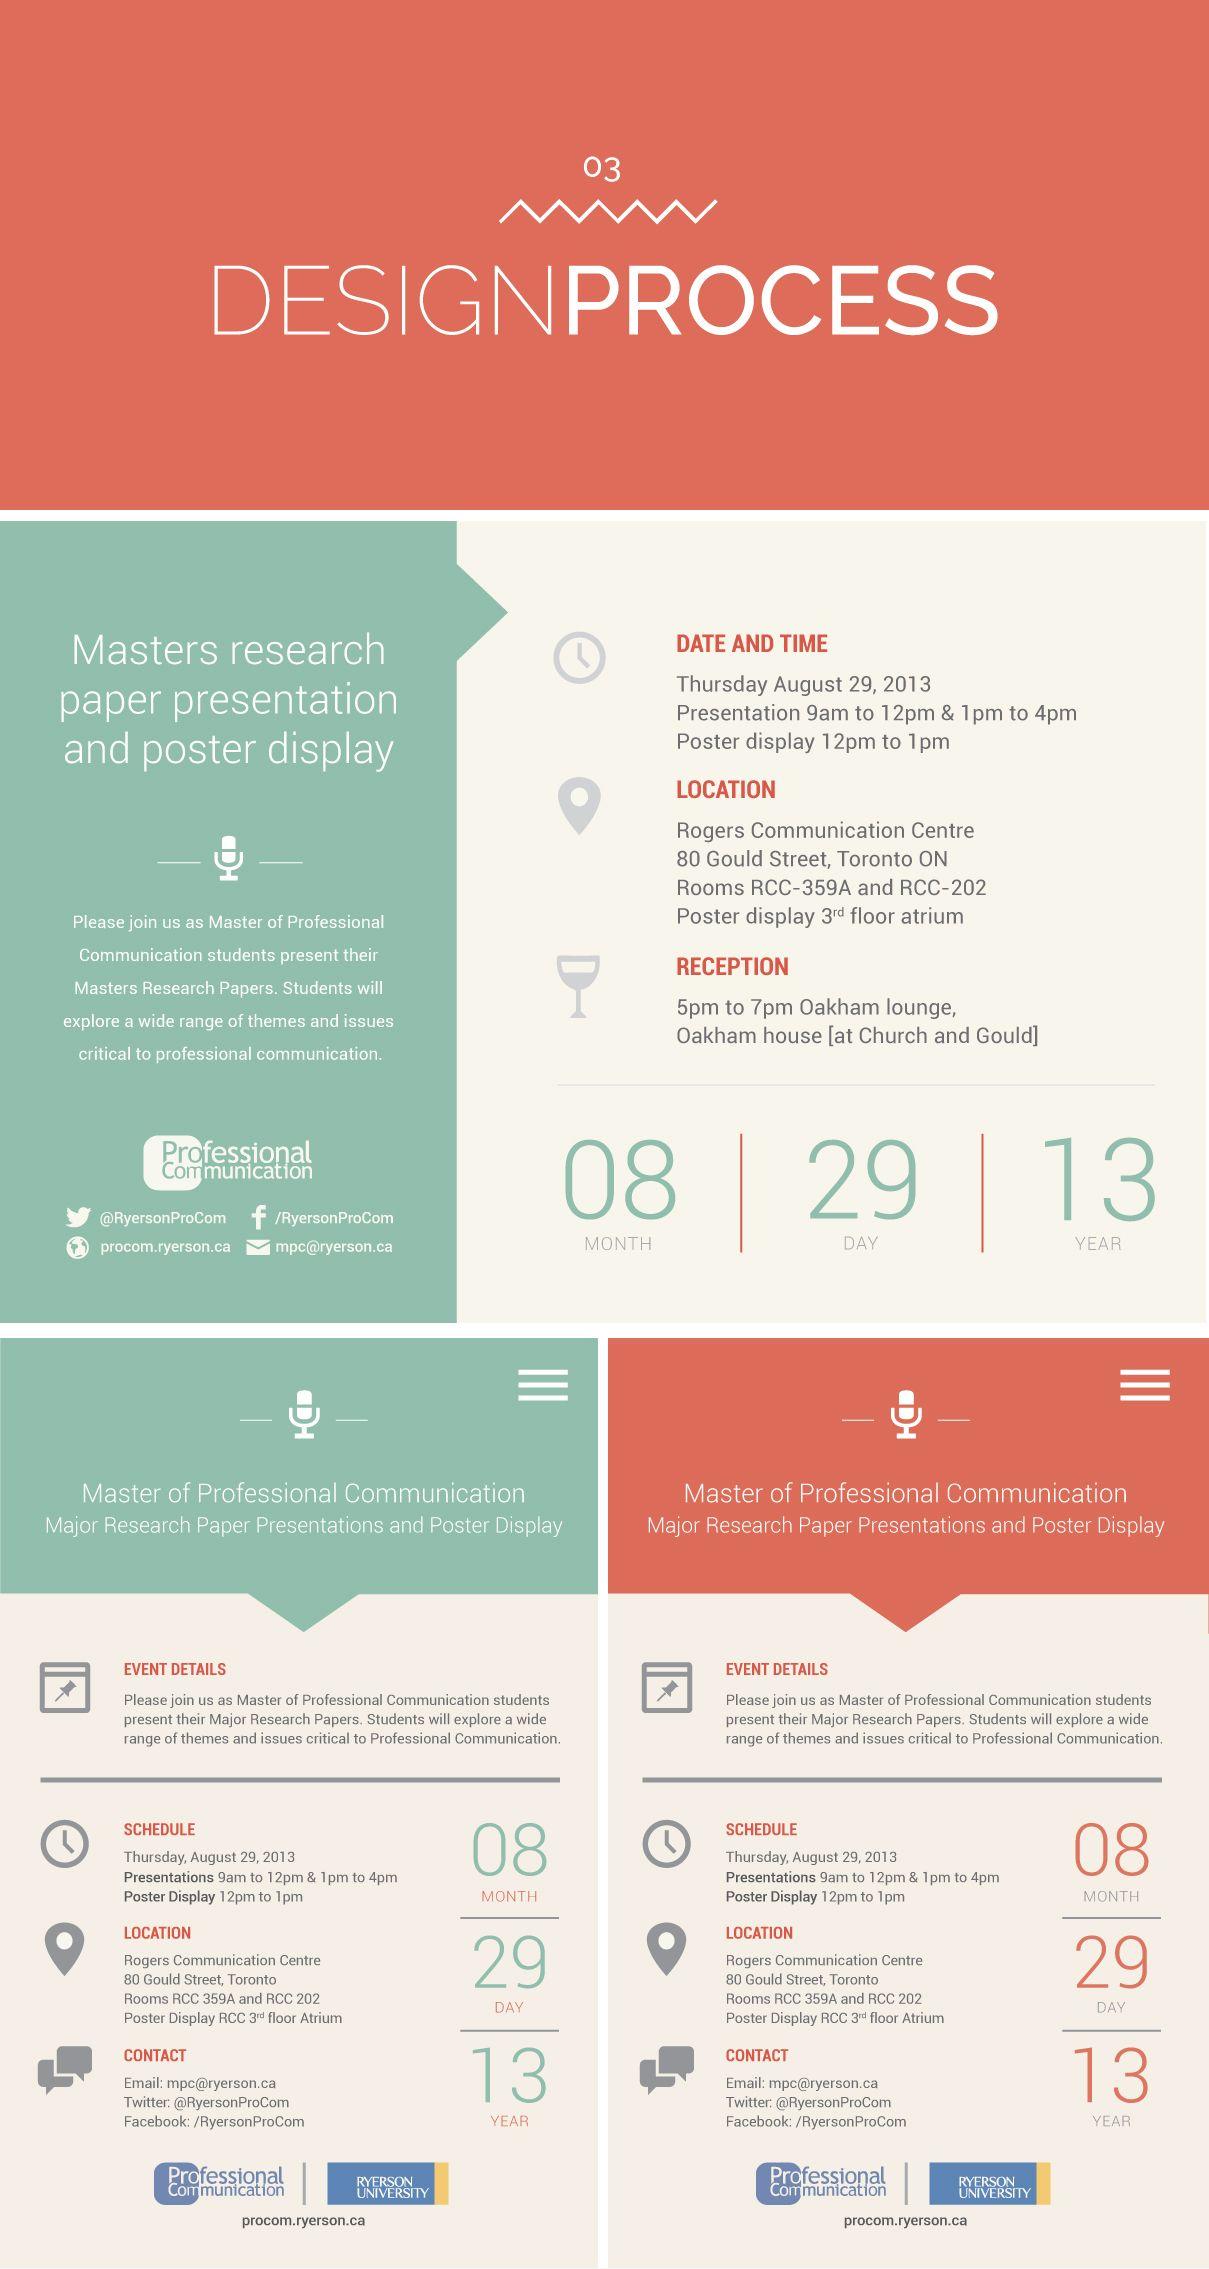 Poster design process - Minimalist Event Invitation Poster Design Irene Victoria